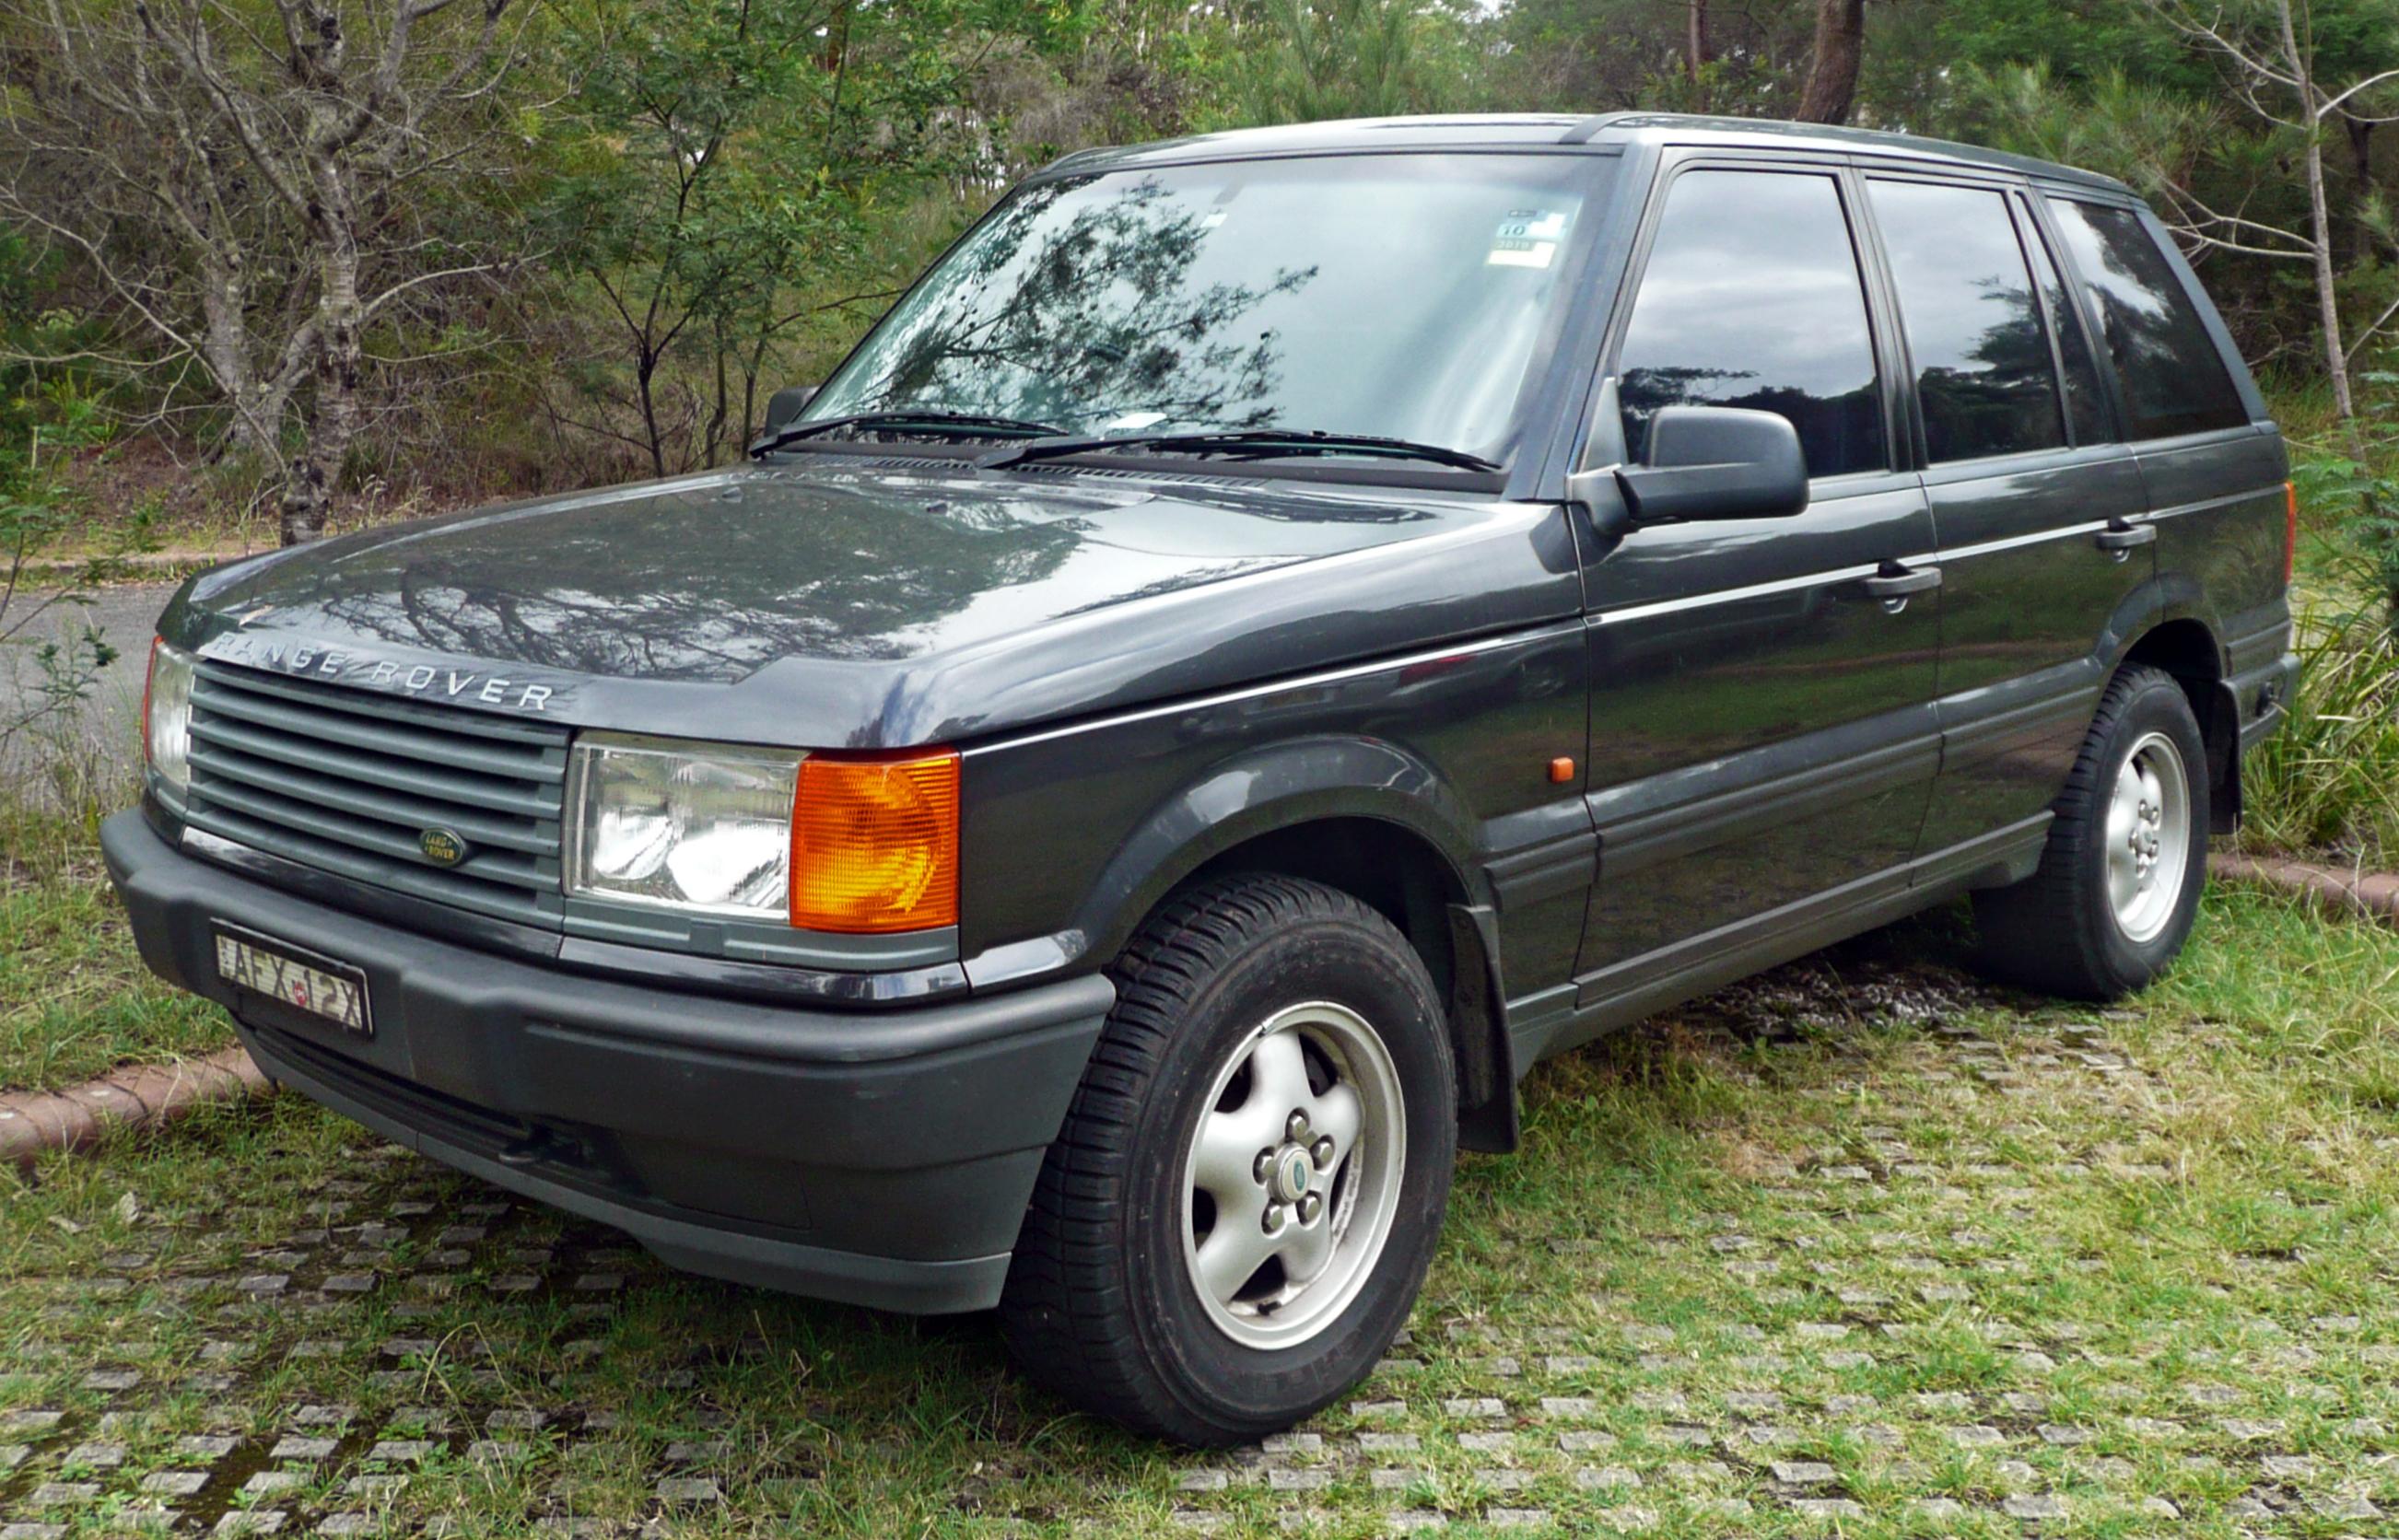 File 1995 1998 Land Rover Range Rover P38A 4 0 SE wagon 04